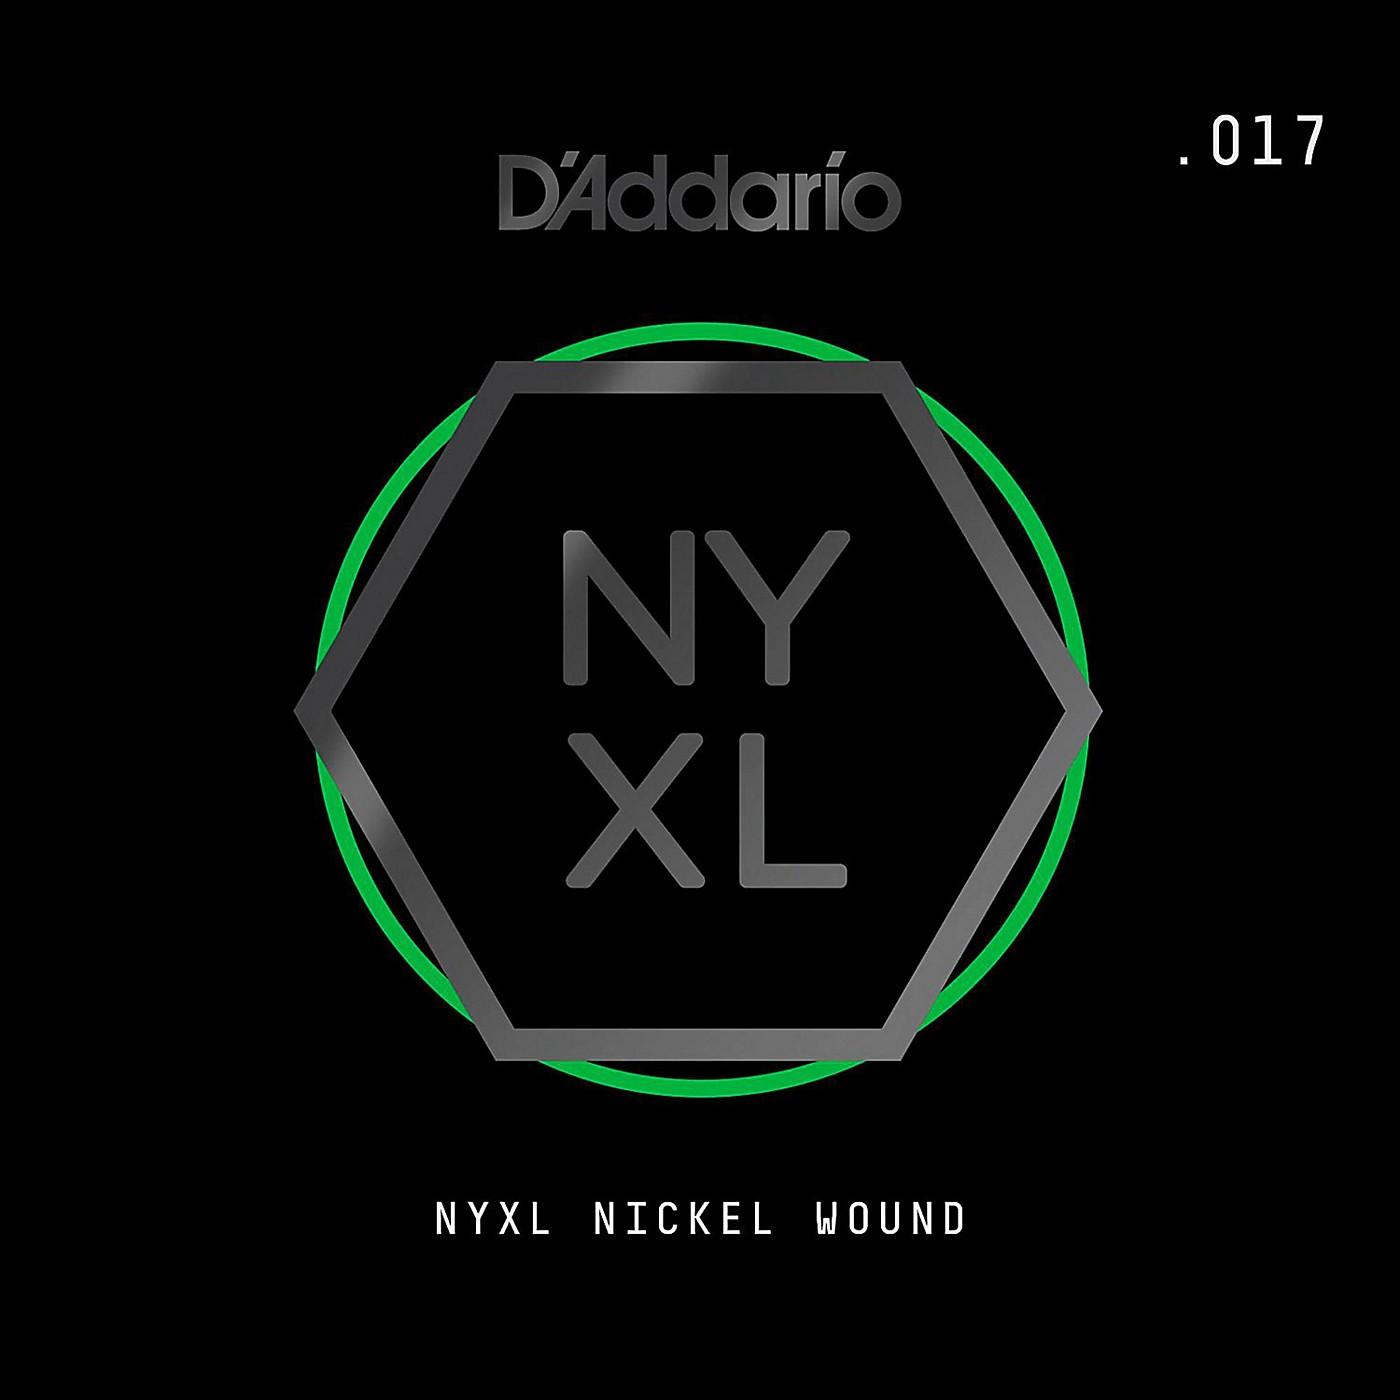 D'Addario NYNW017 NYXL Nickel Wound Electric Guitar Single String, .017 thumbnail